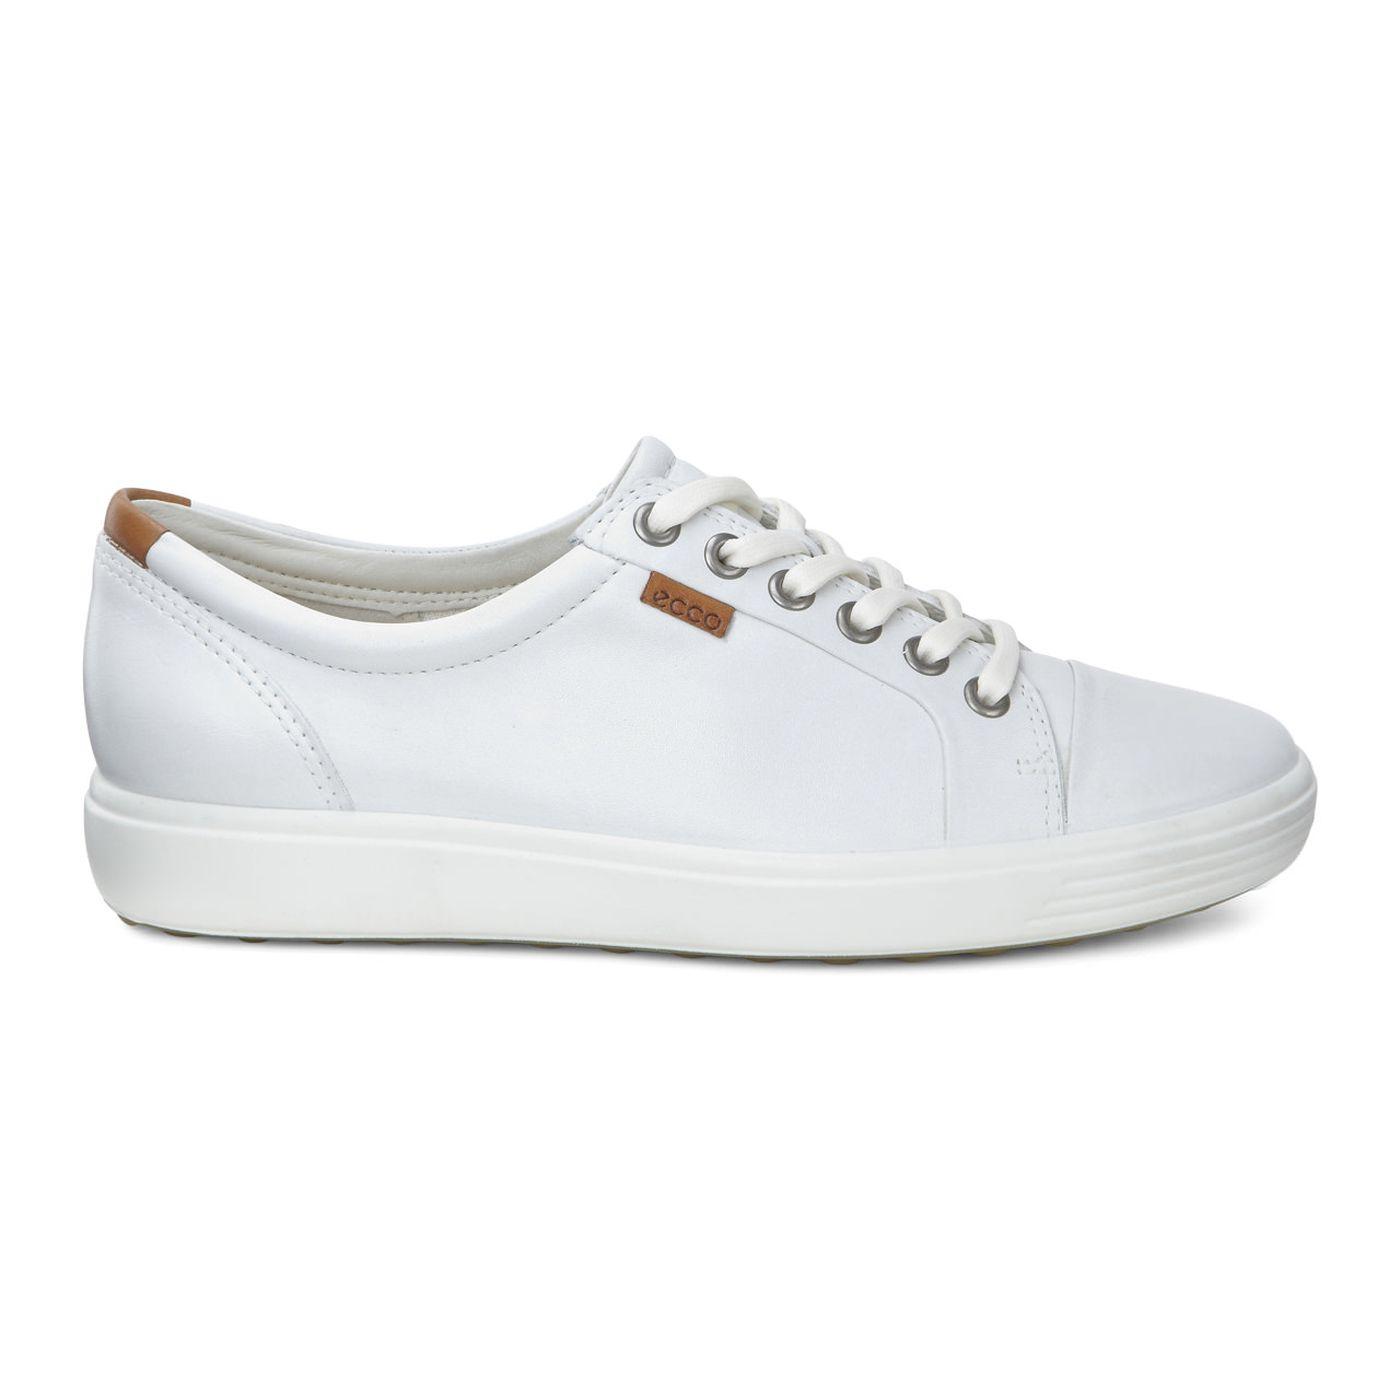 Ecco shoes women, Casual sneakers women